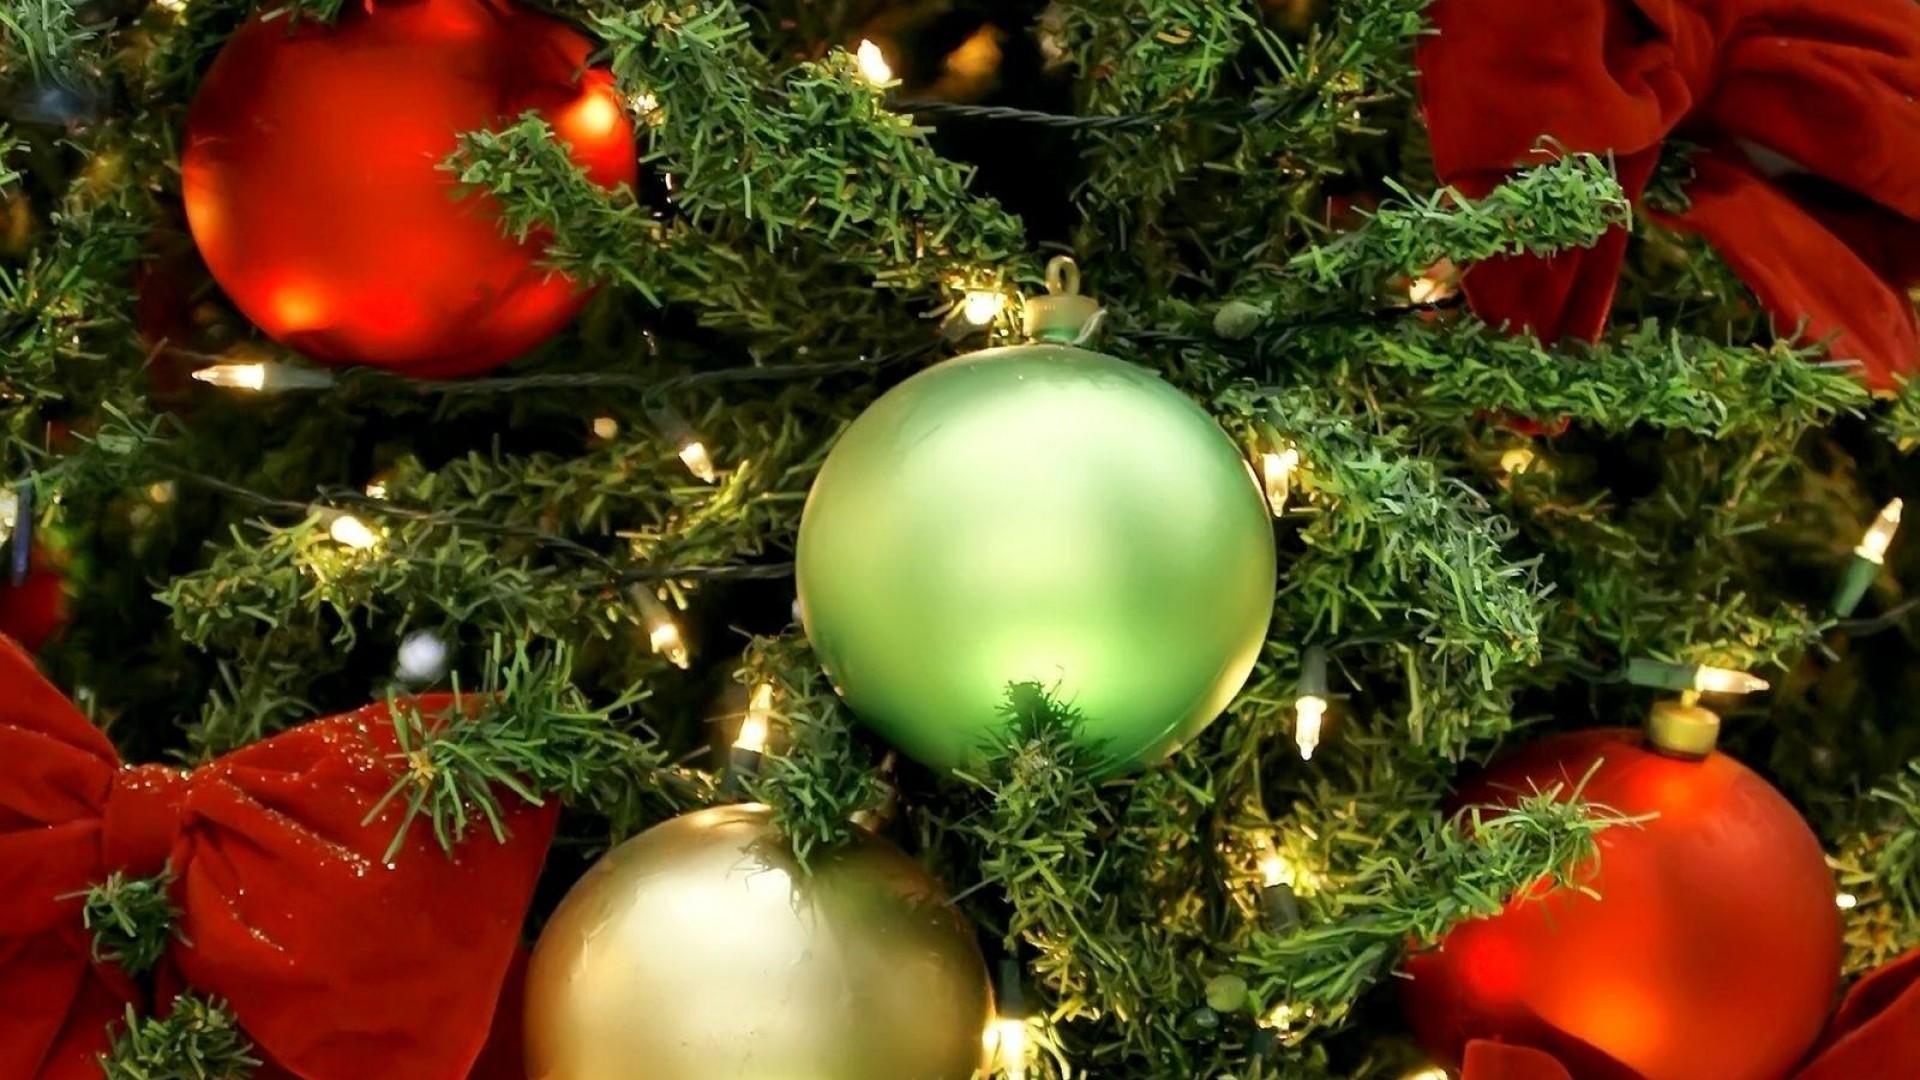 Wallpaper christmas decorations, balloons, christmas tree,  garlands, bows, holiday,